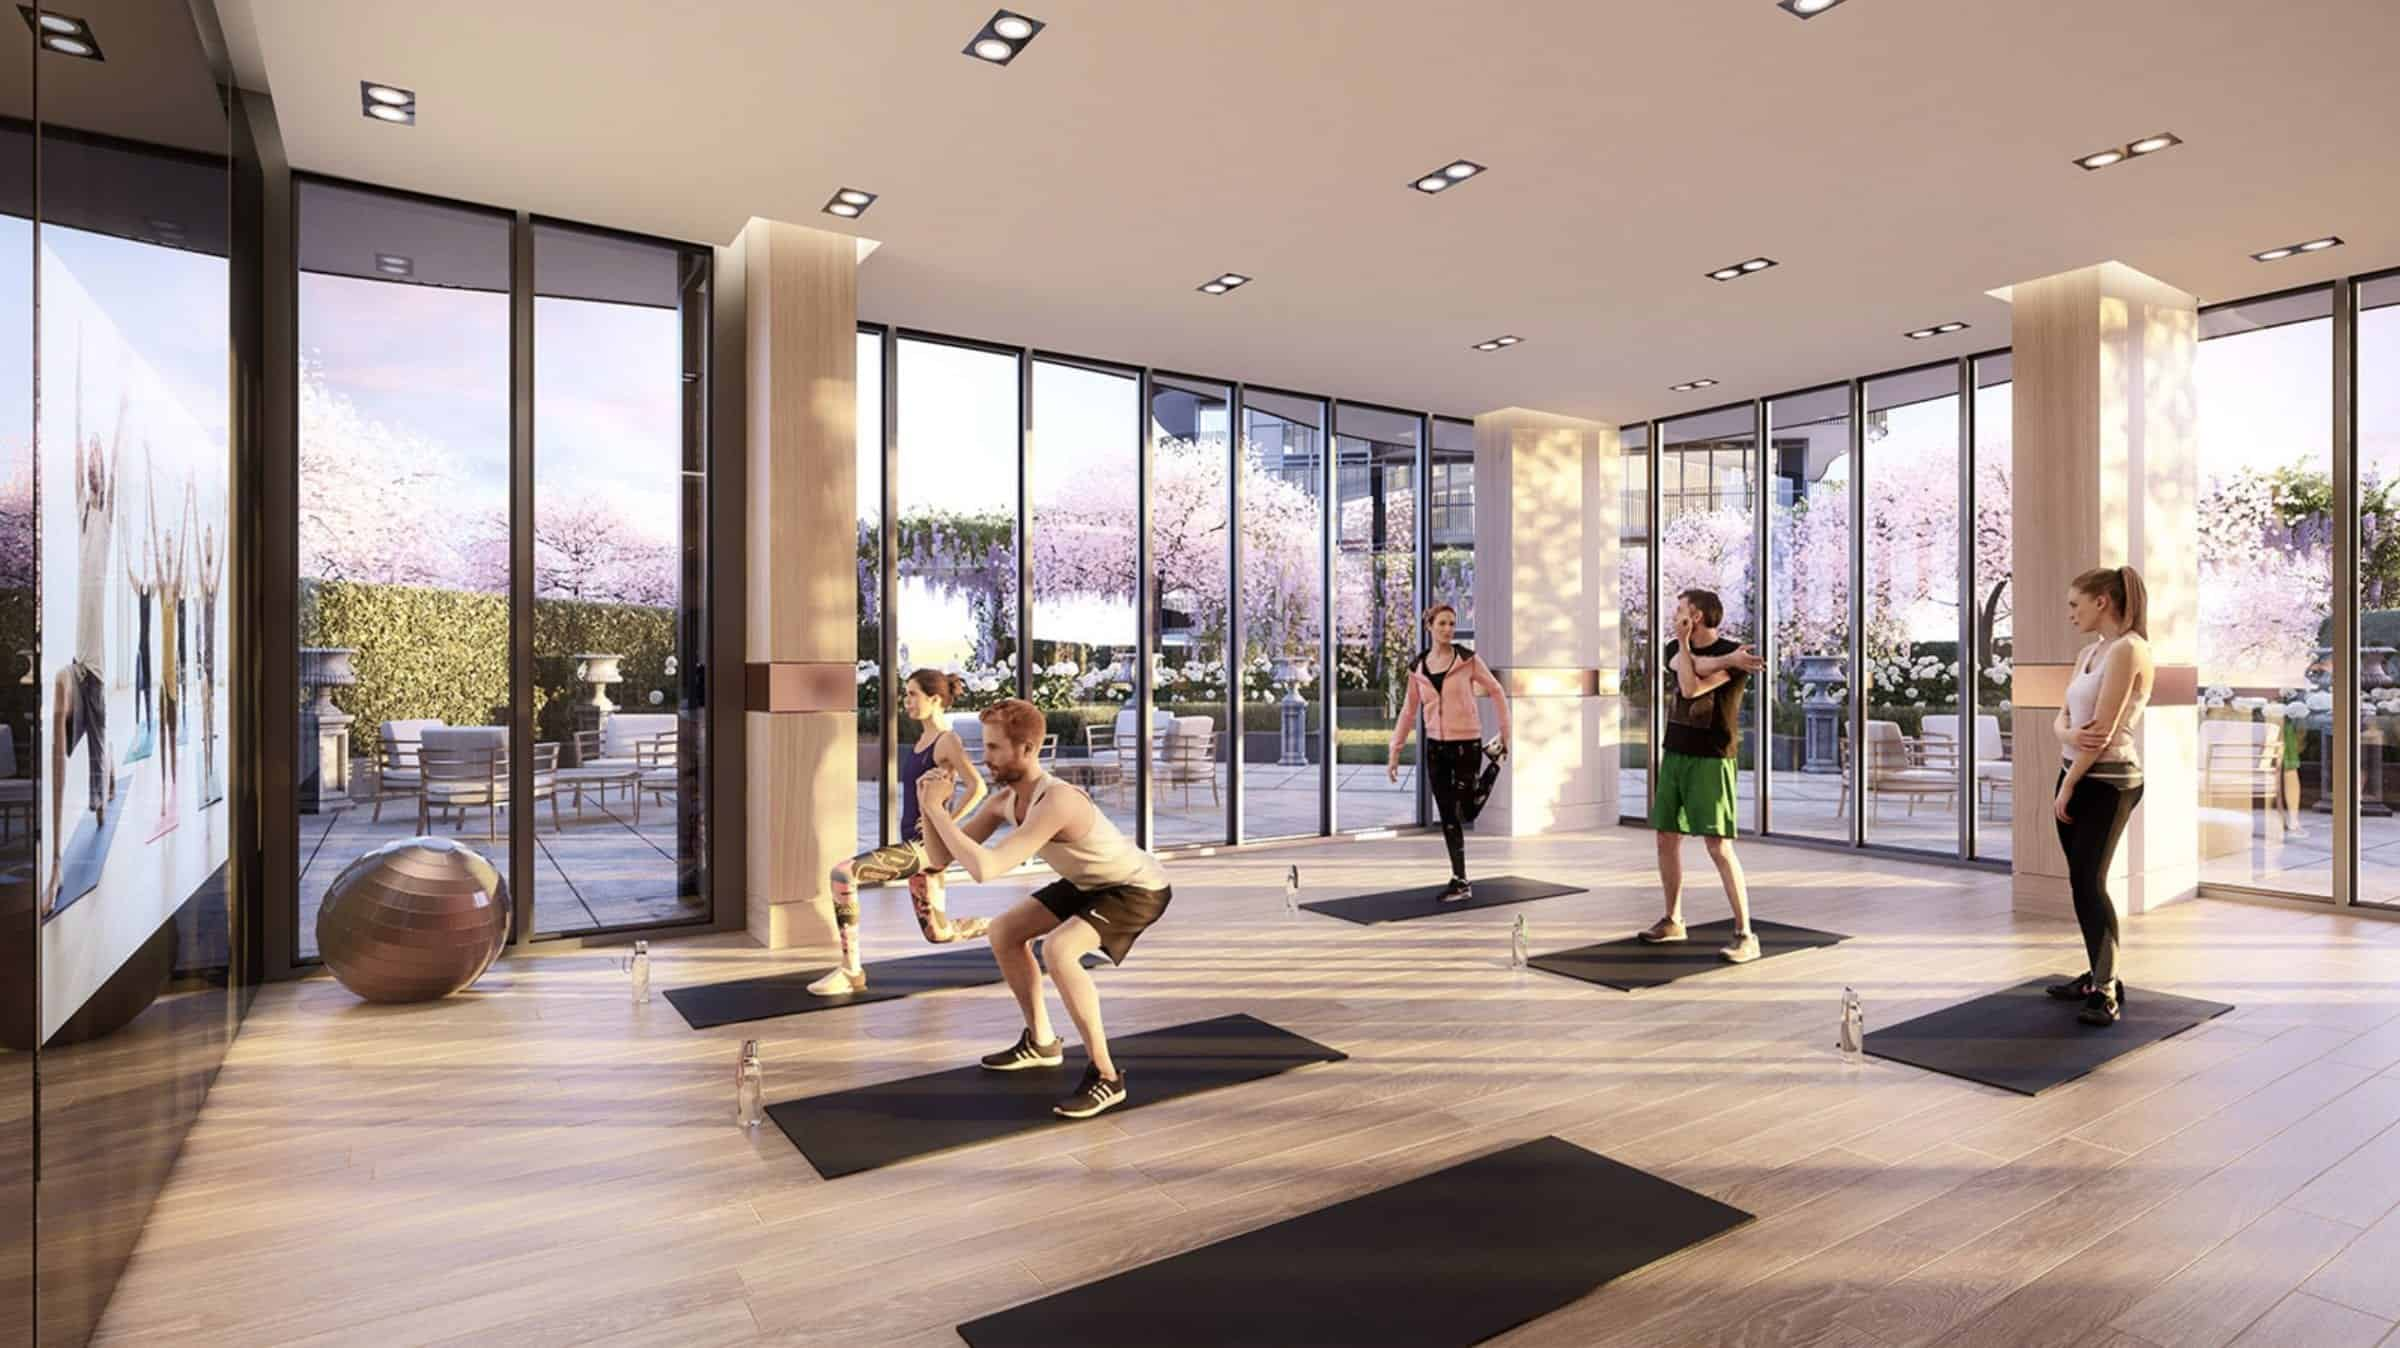 King's Landing Condos 2 Yoga Studio True Condos